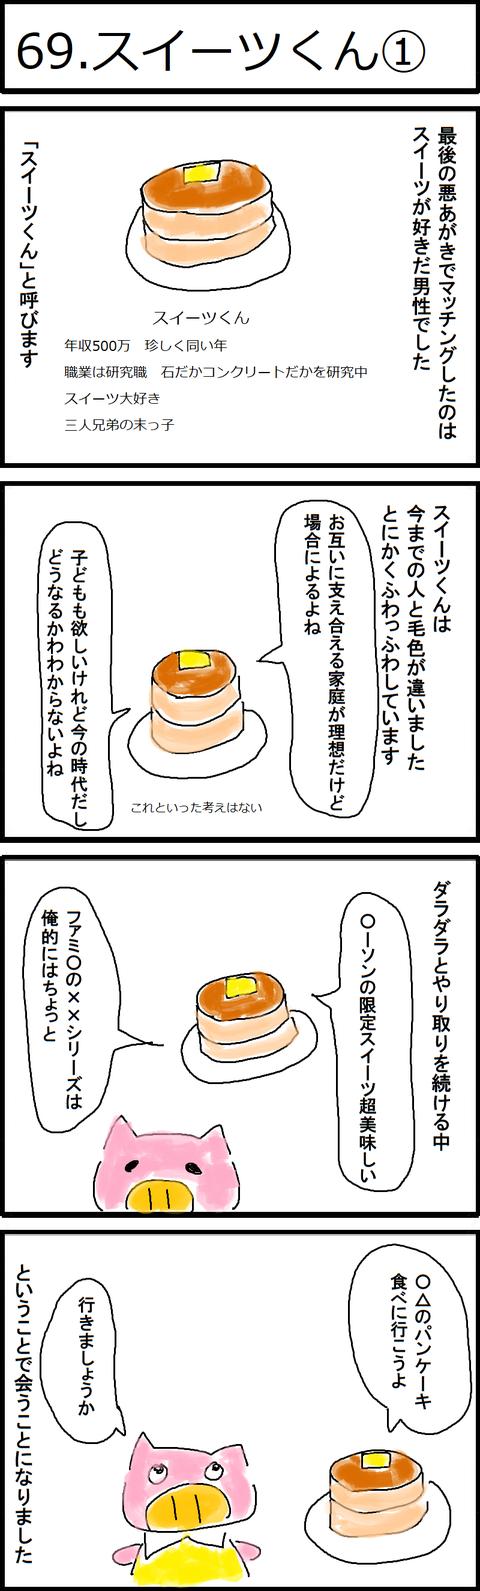 69.スイーツくん①